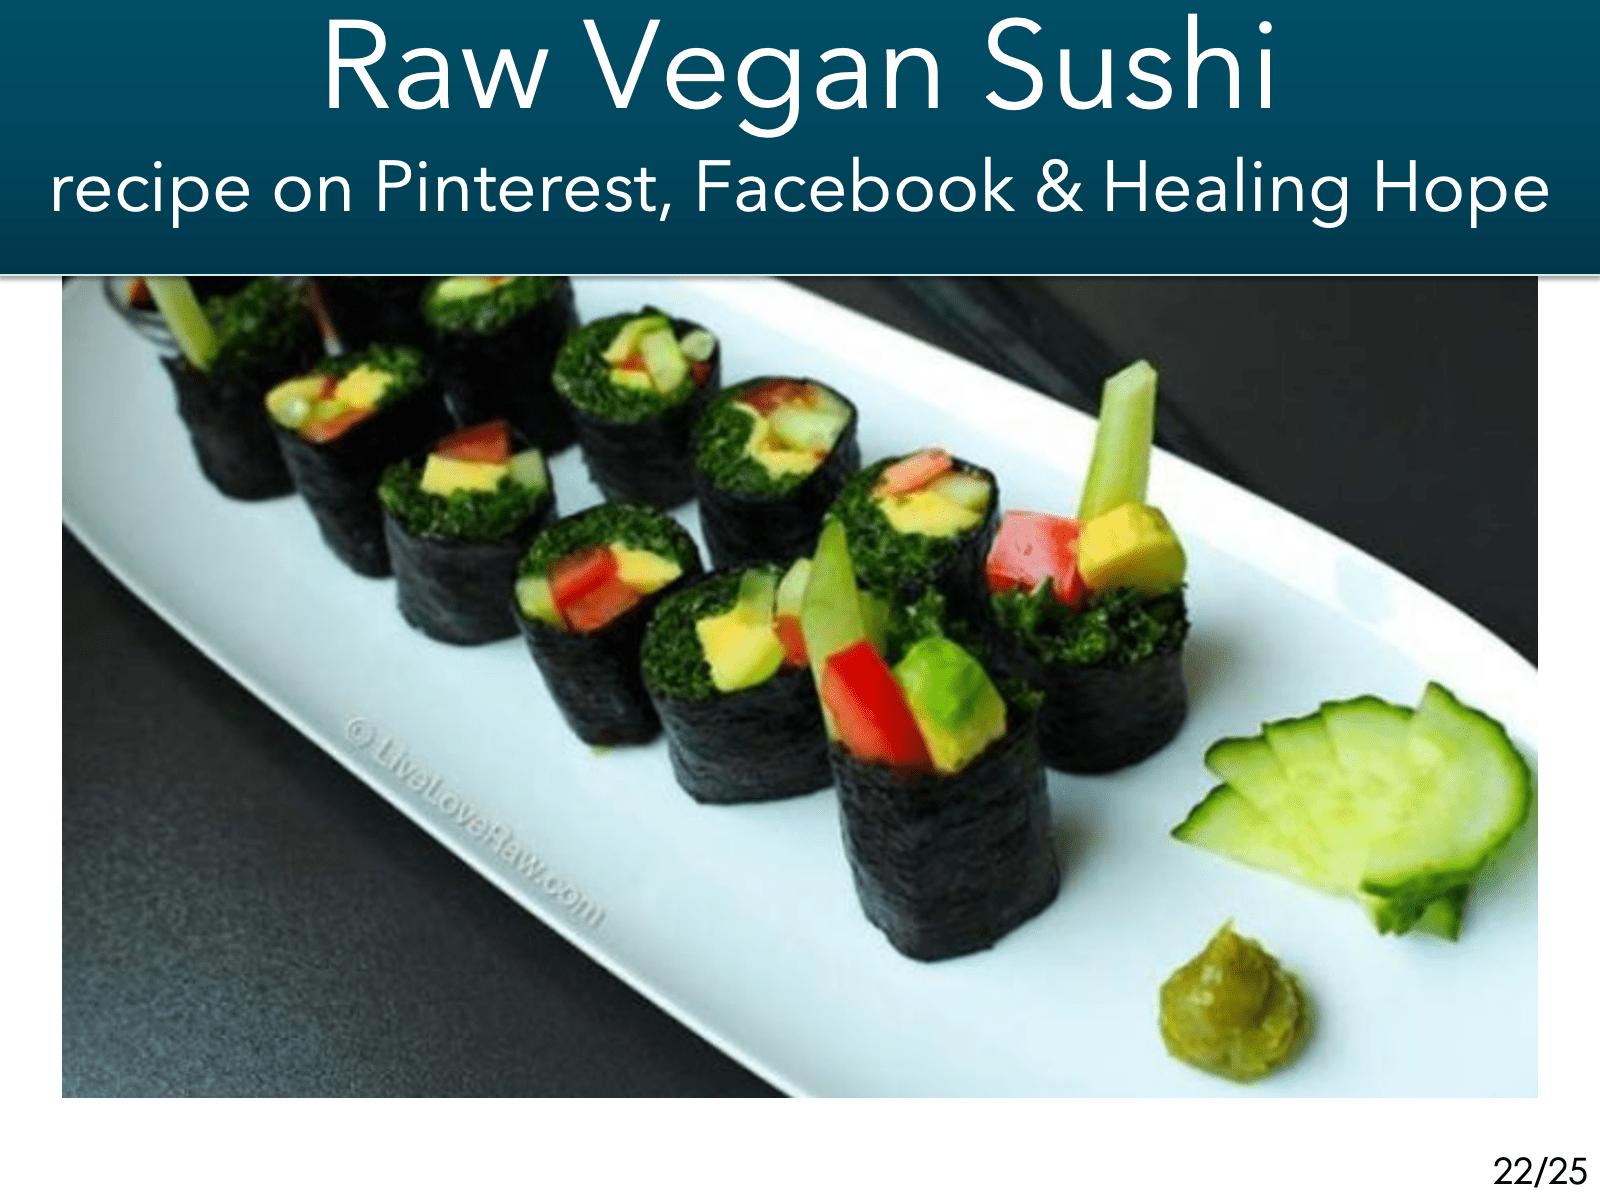 - -raw vegan sushi